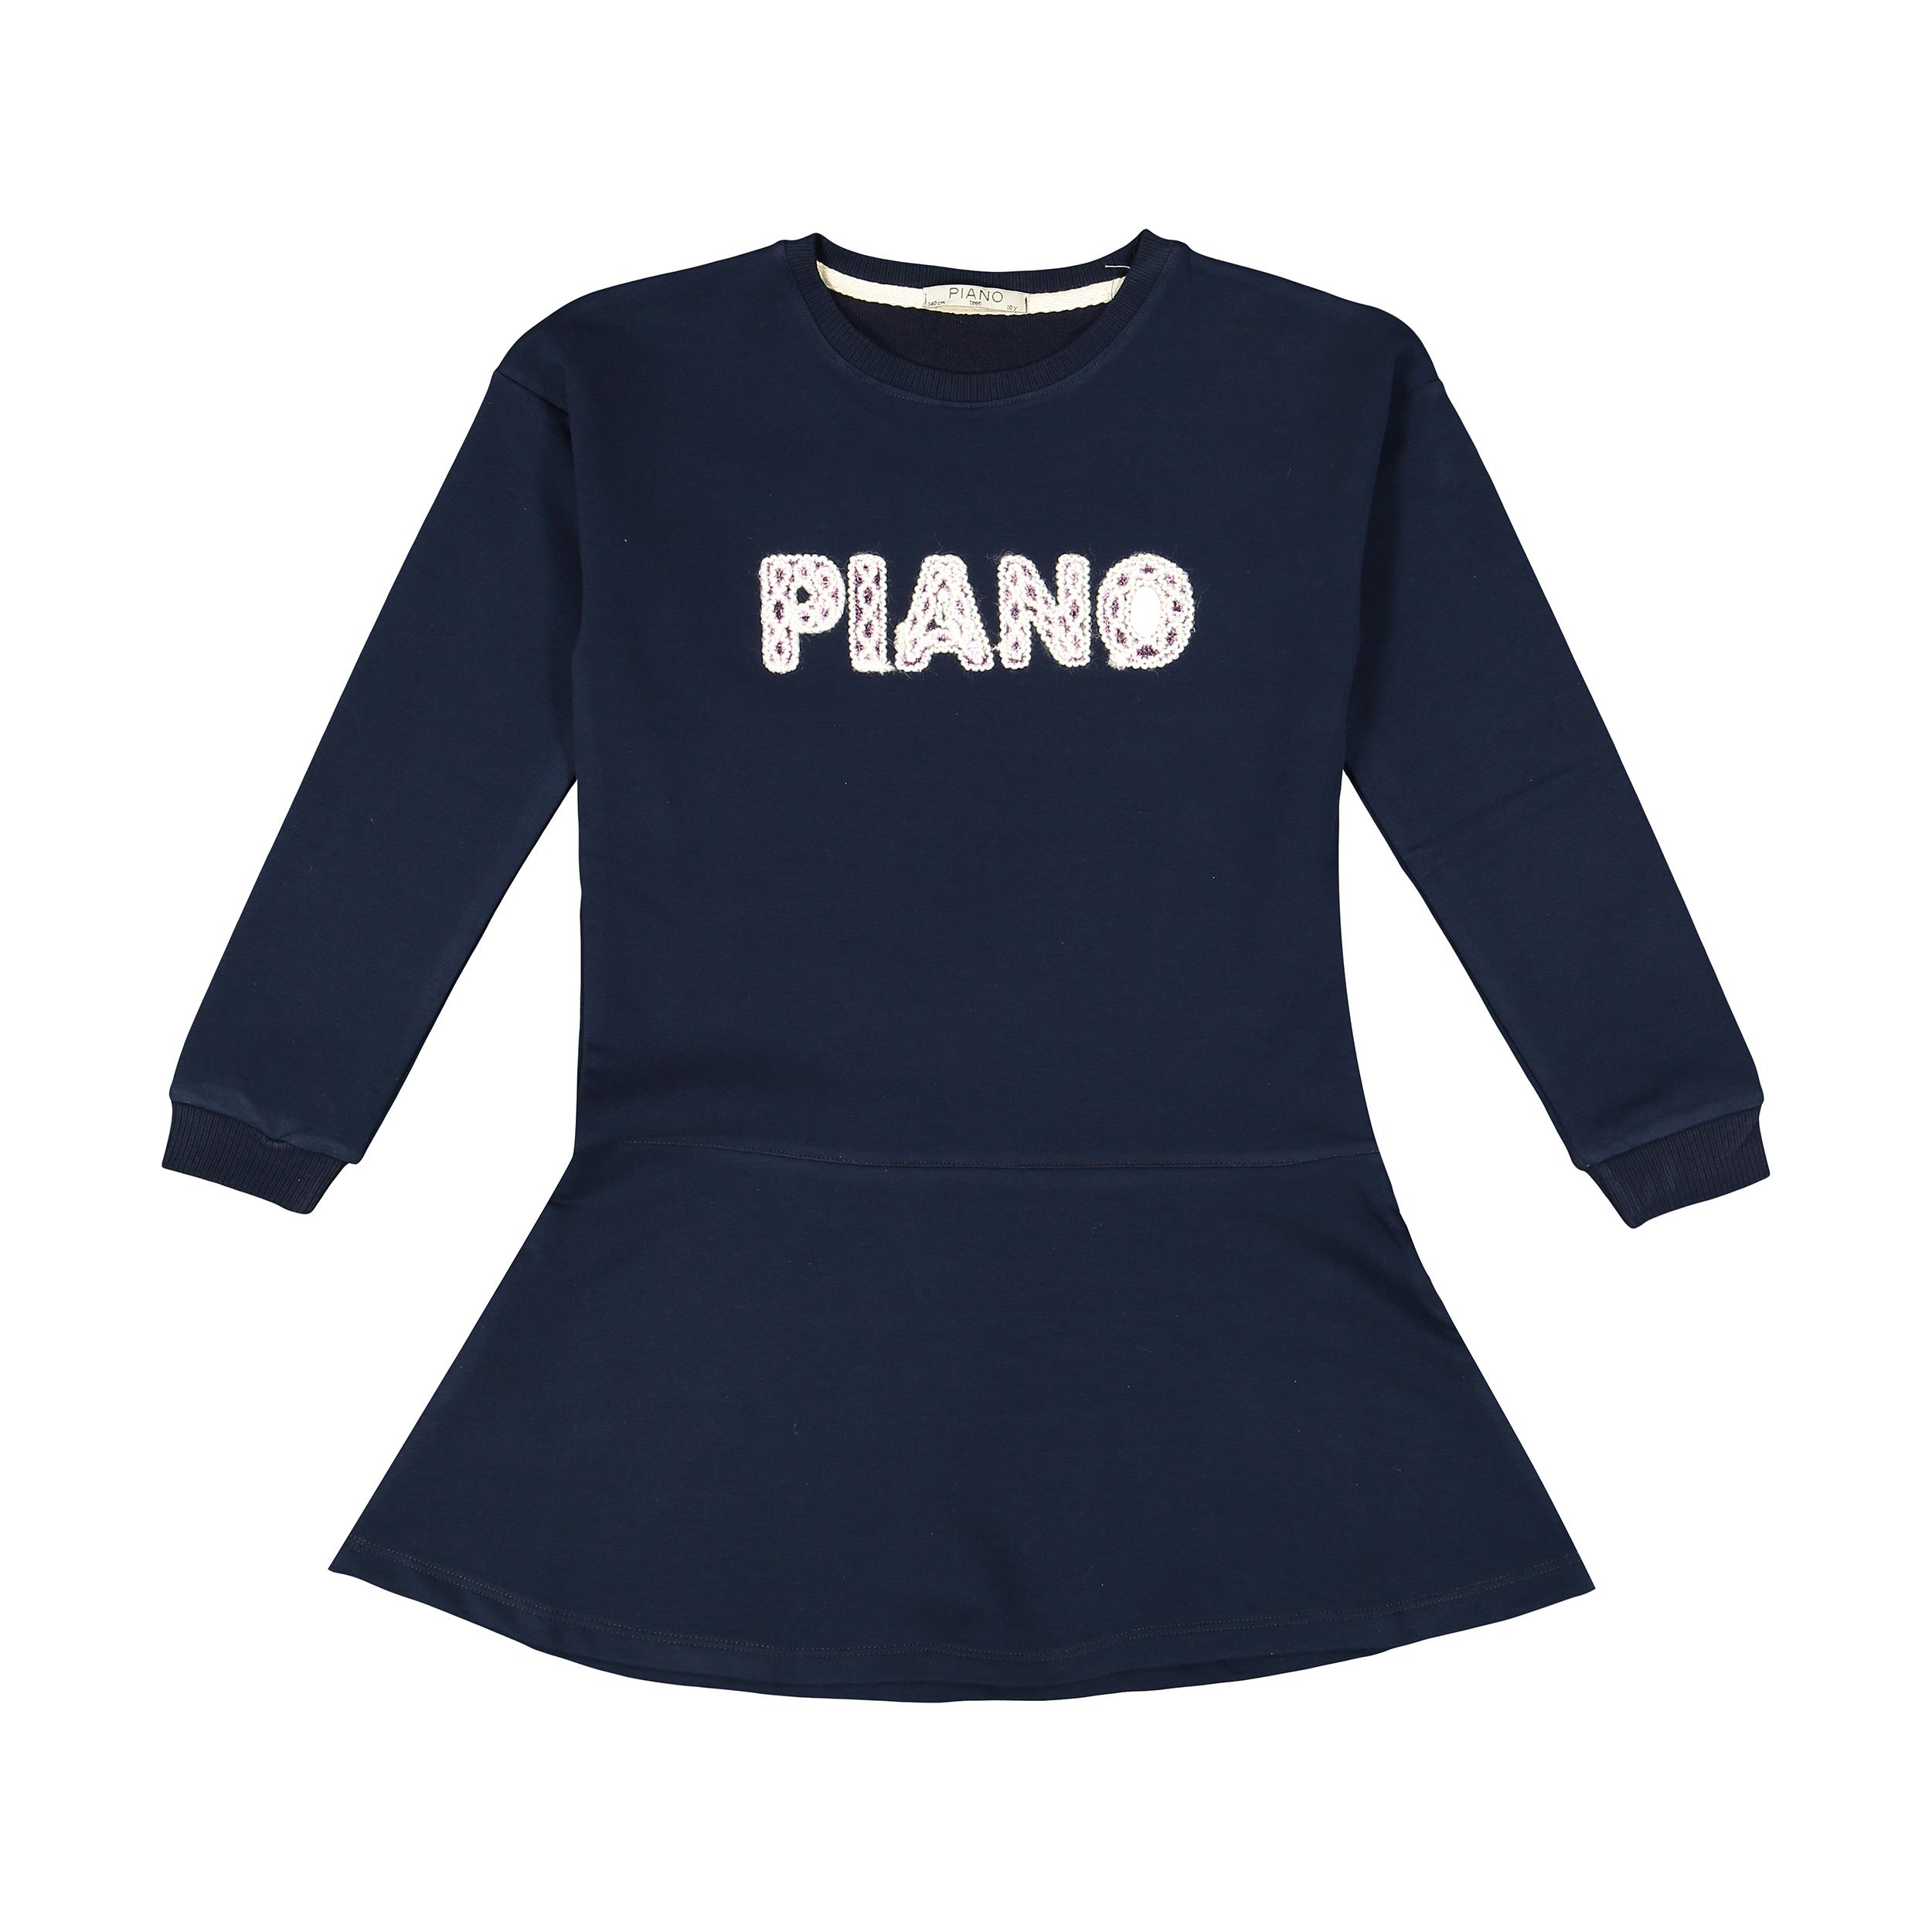 تونیک دخترانه پیانو مدل 1009009801234-59